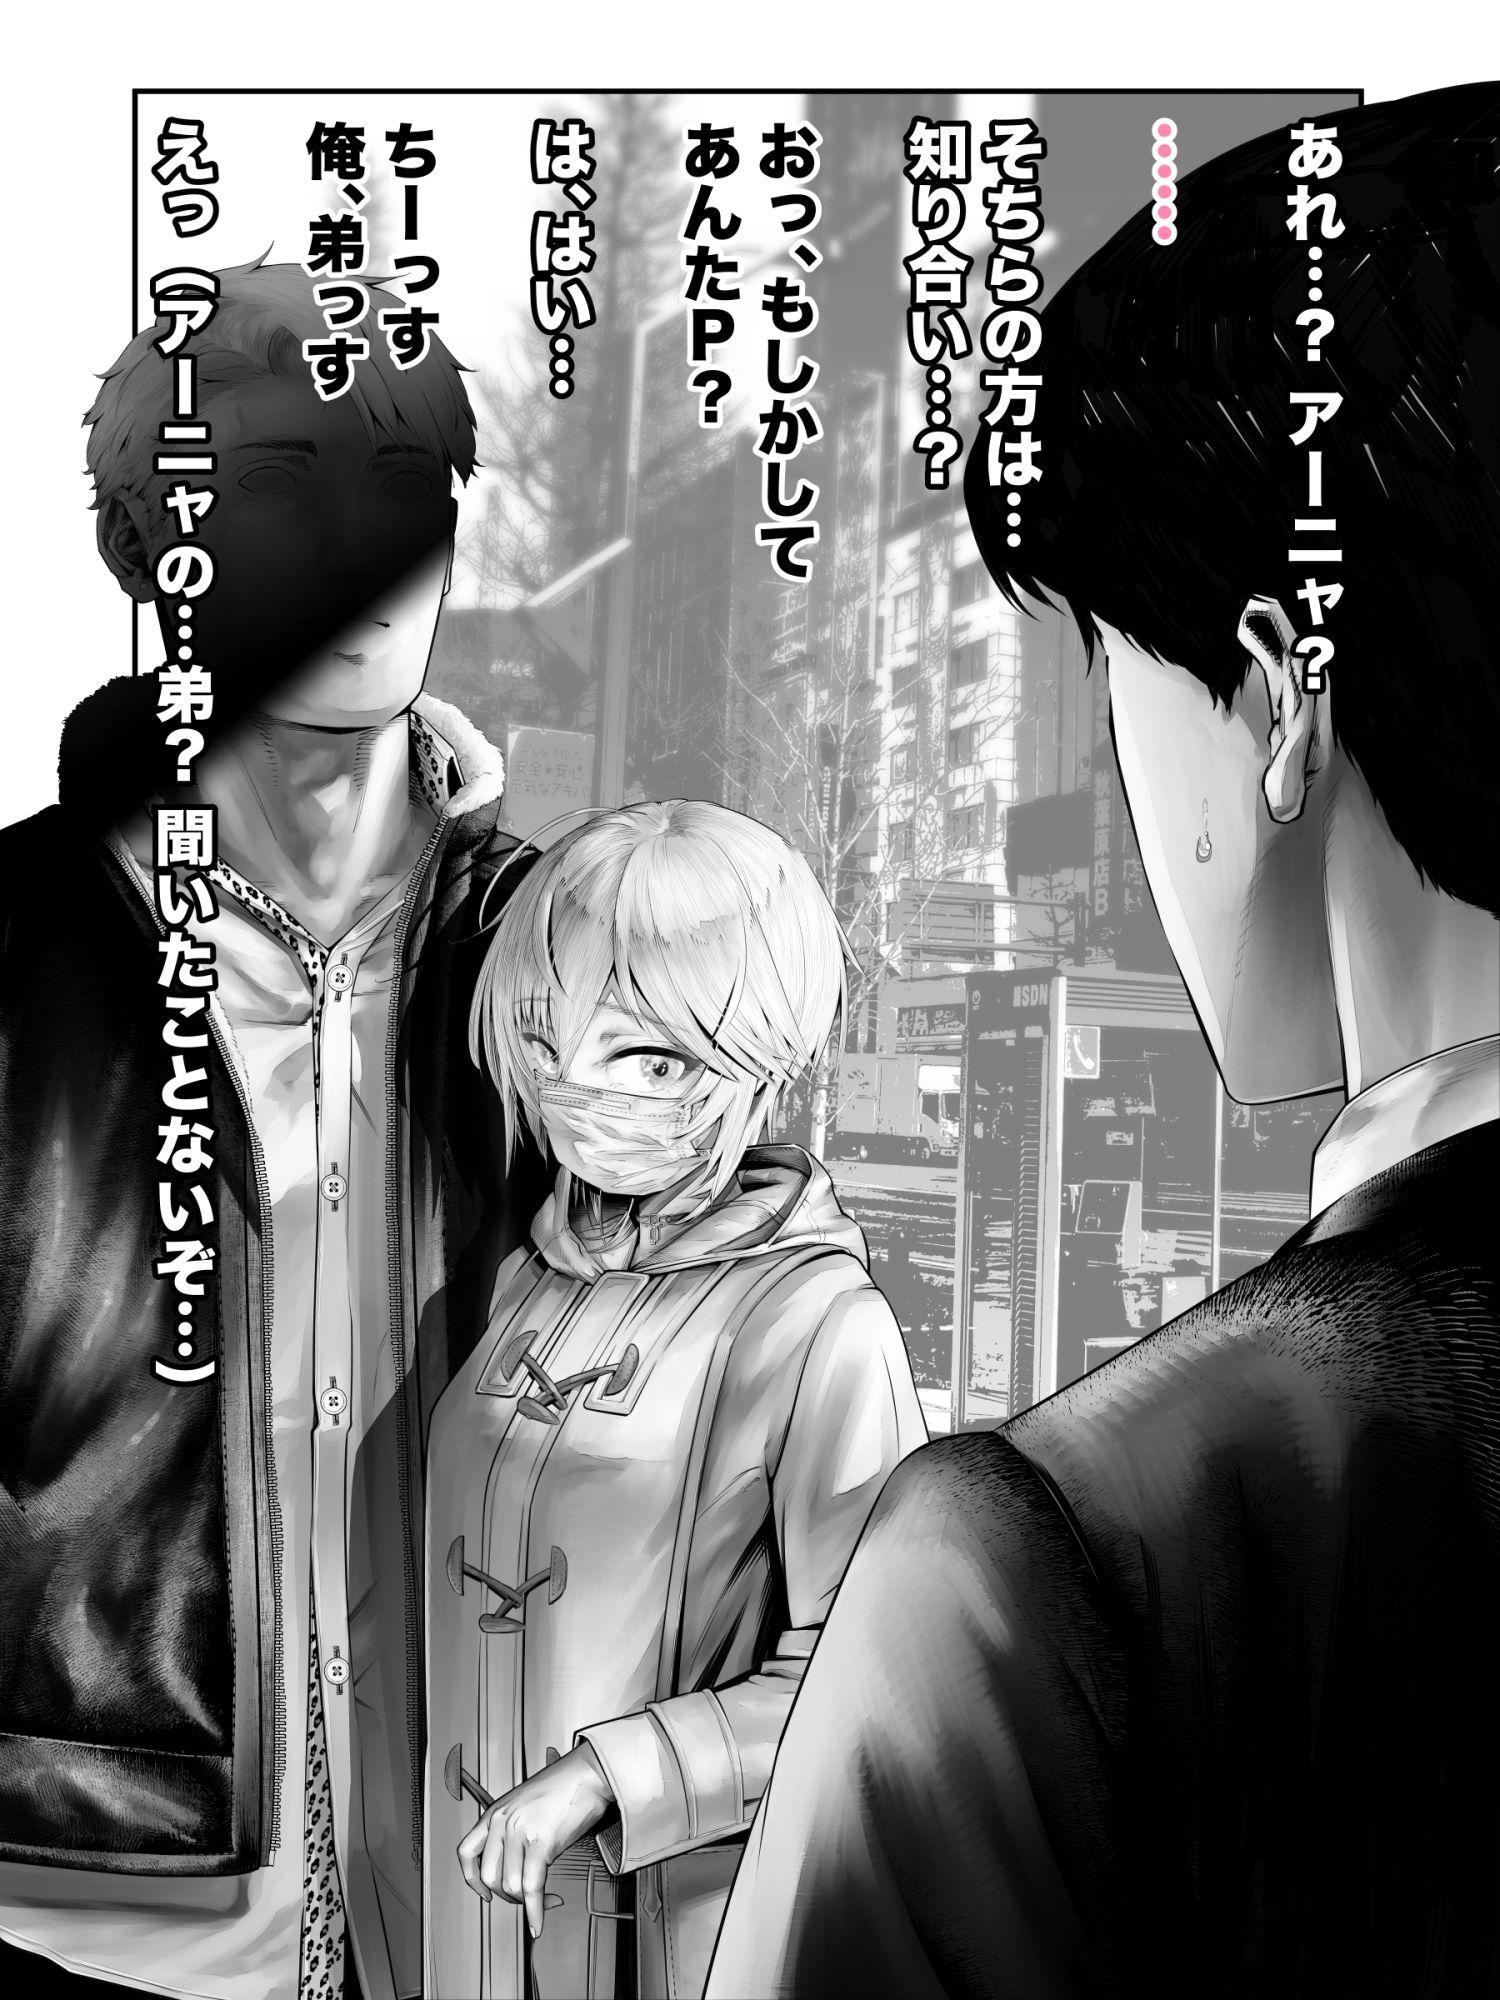 P「そちらの方は…?」?「ちーっす俺、弟っす」 エロ画像